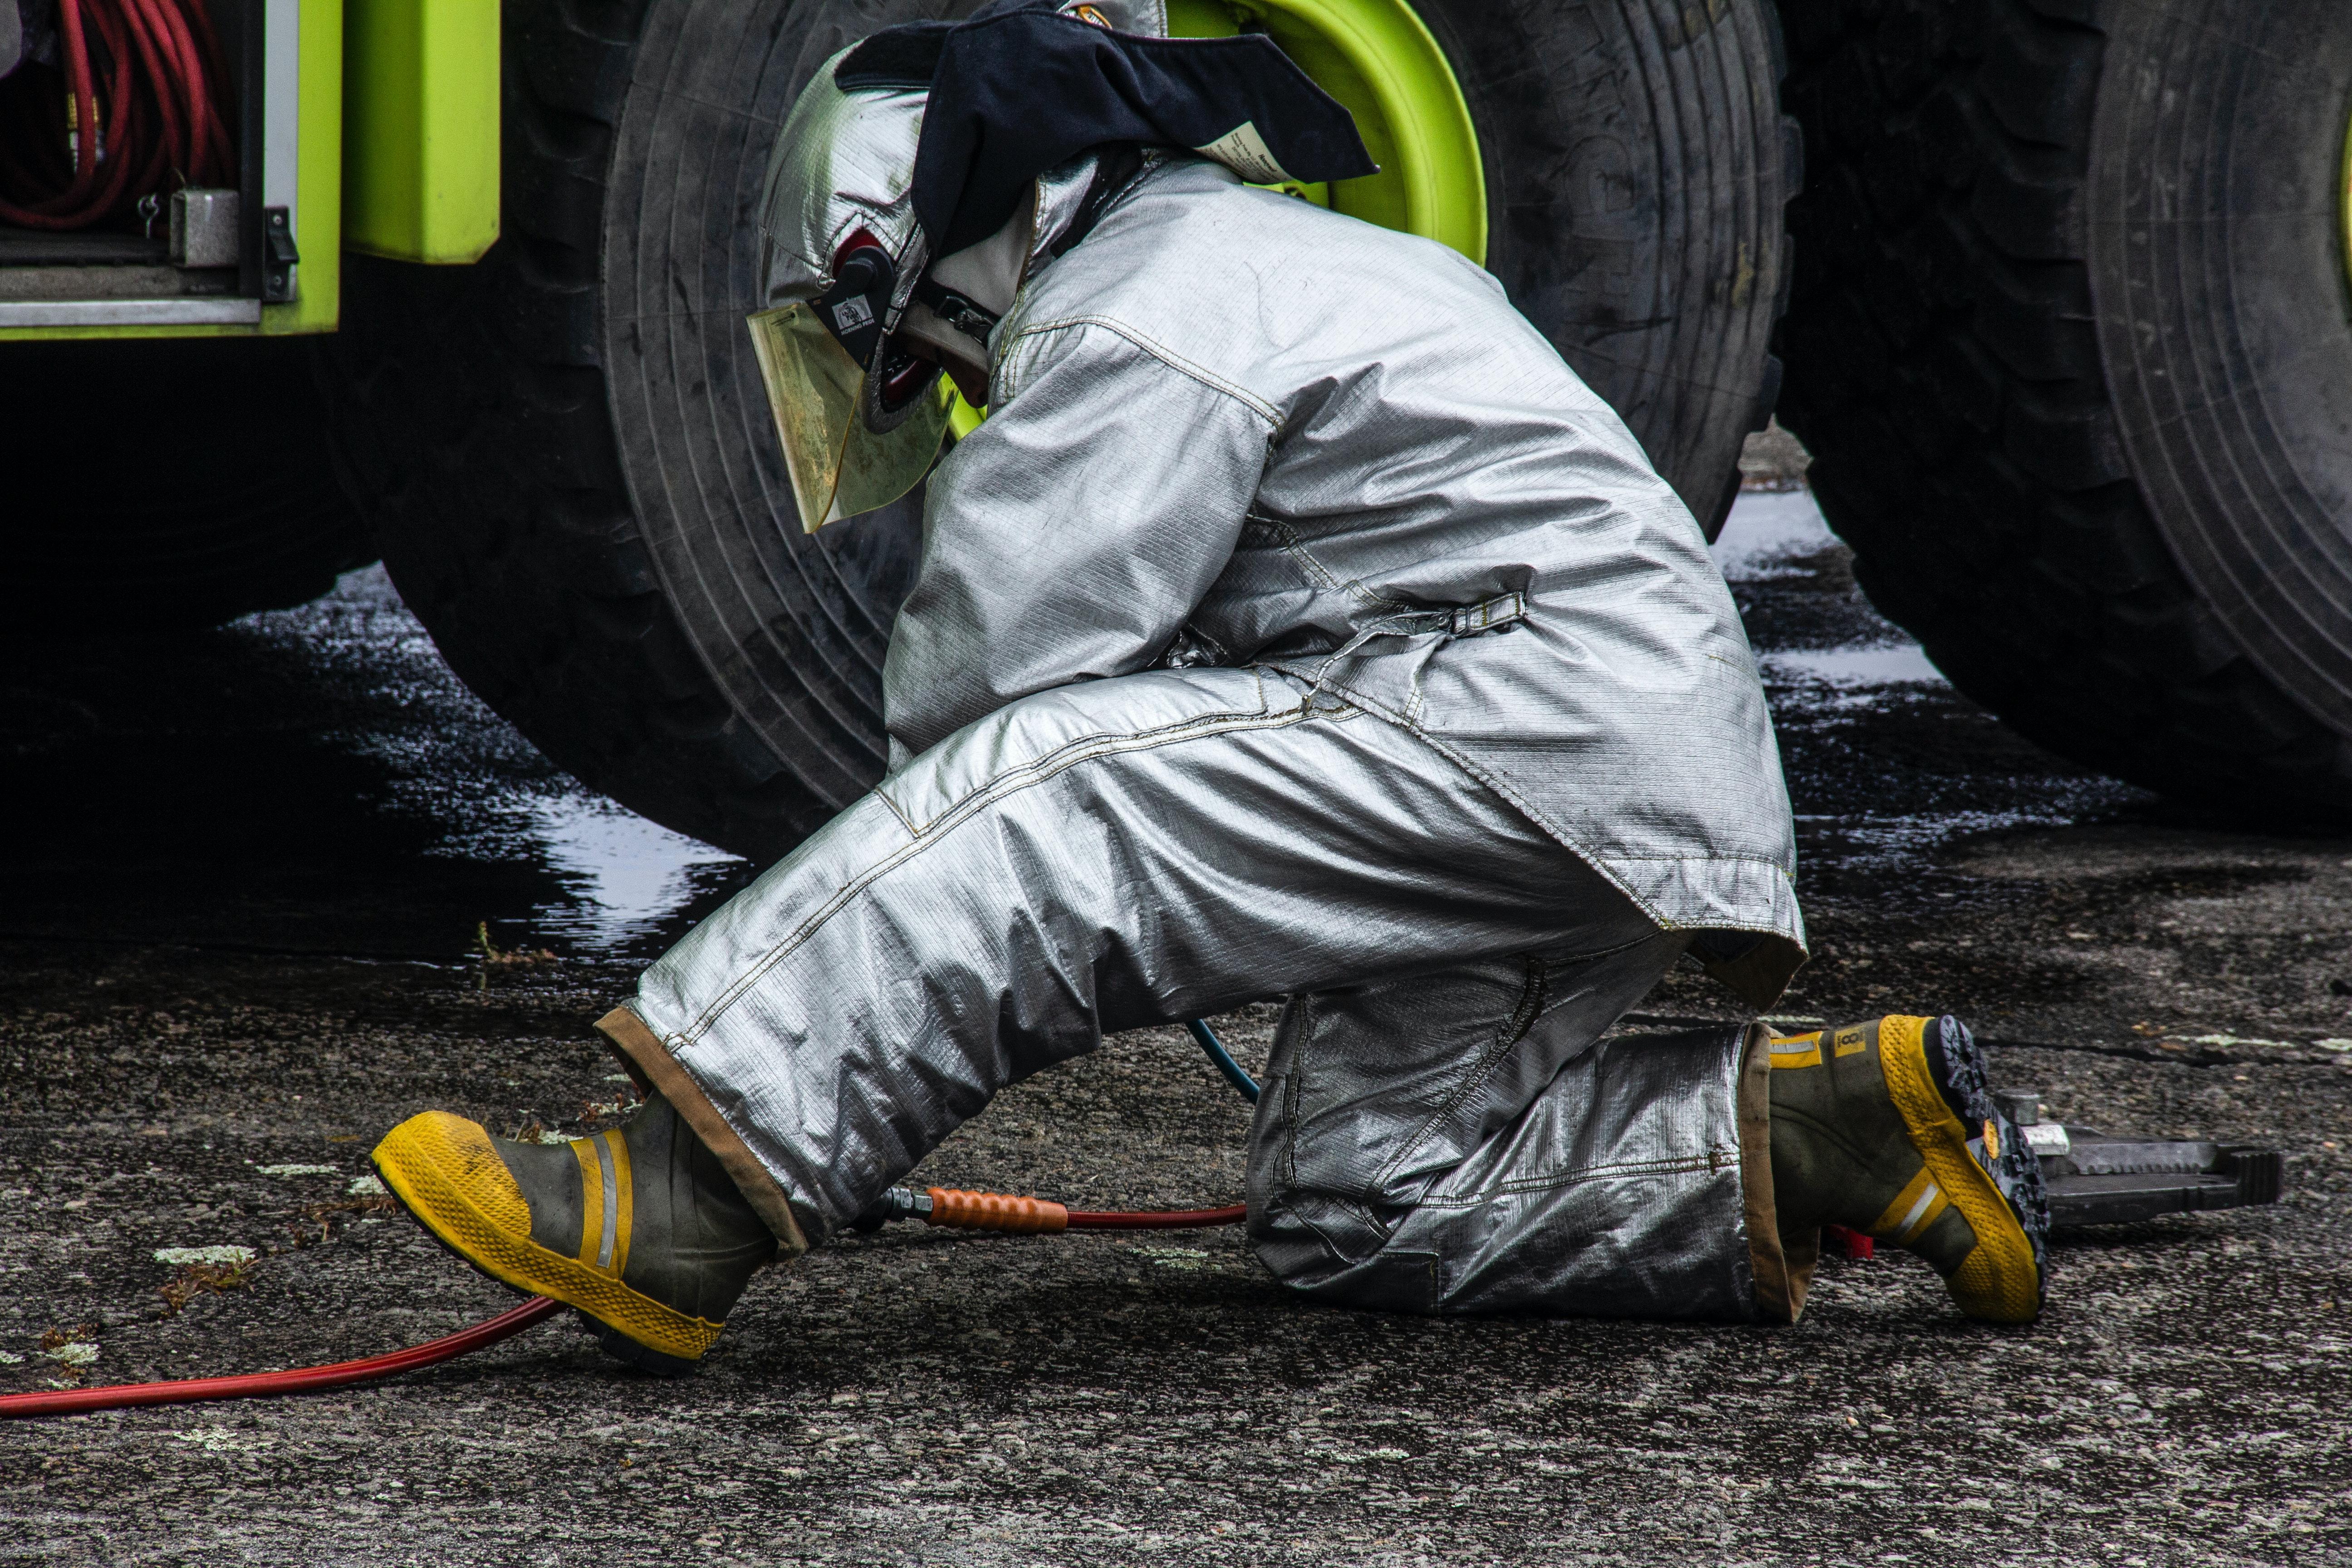 一名消防员正在用他的个人设备工作